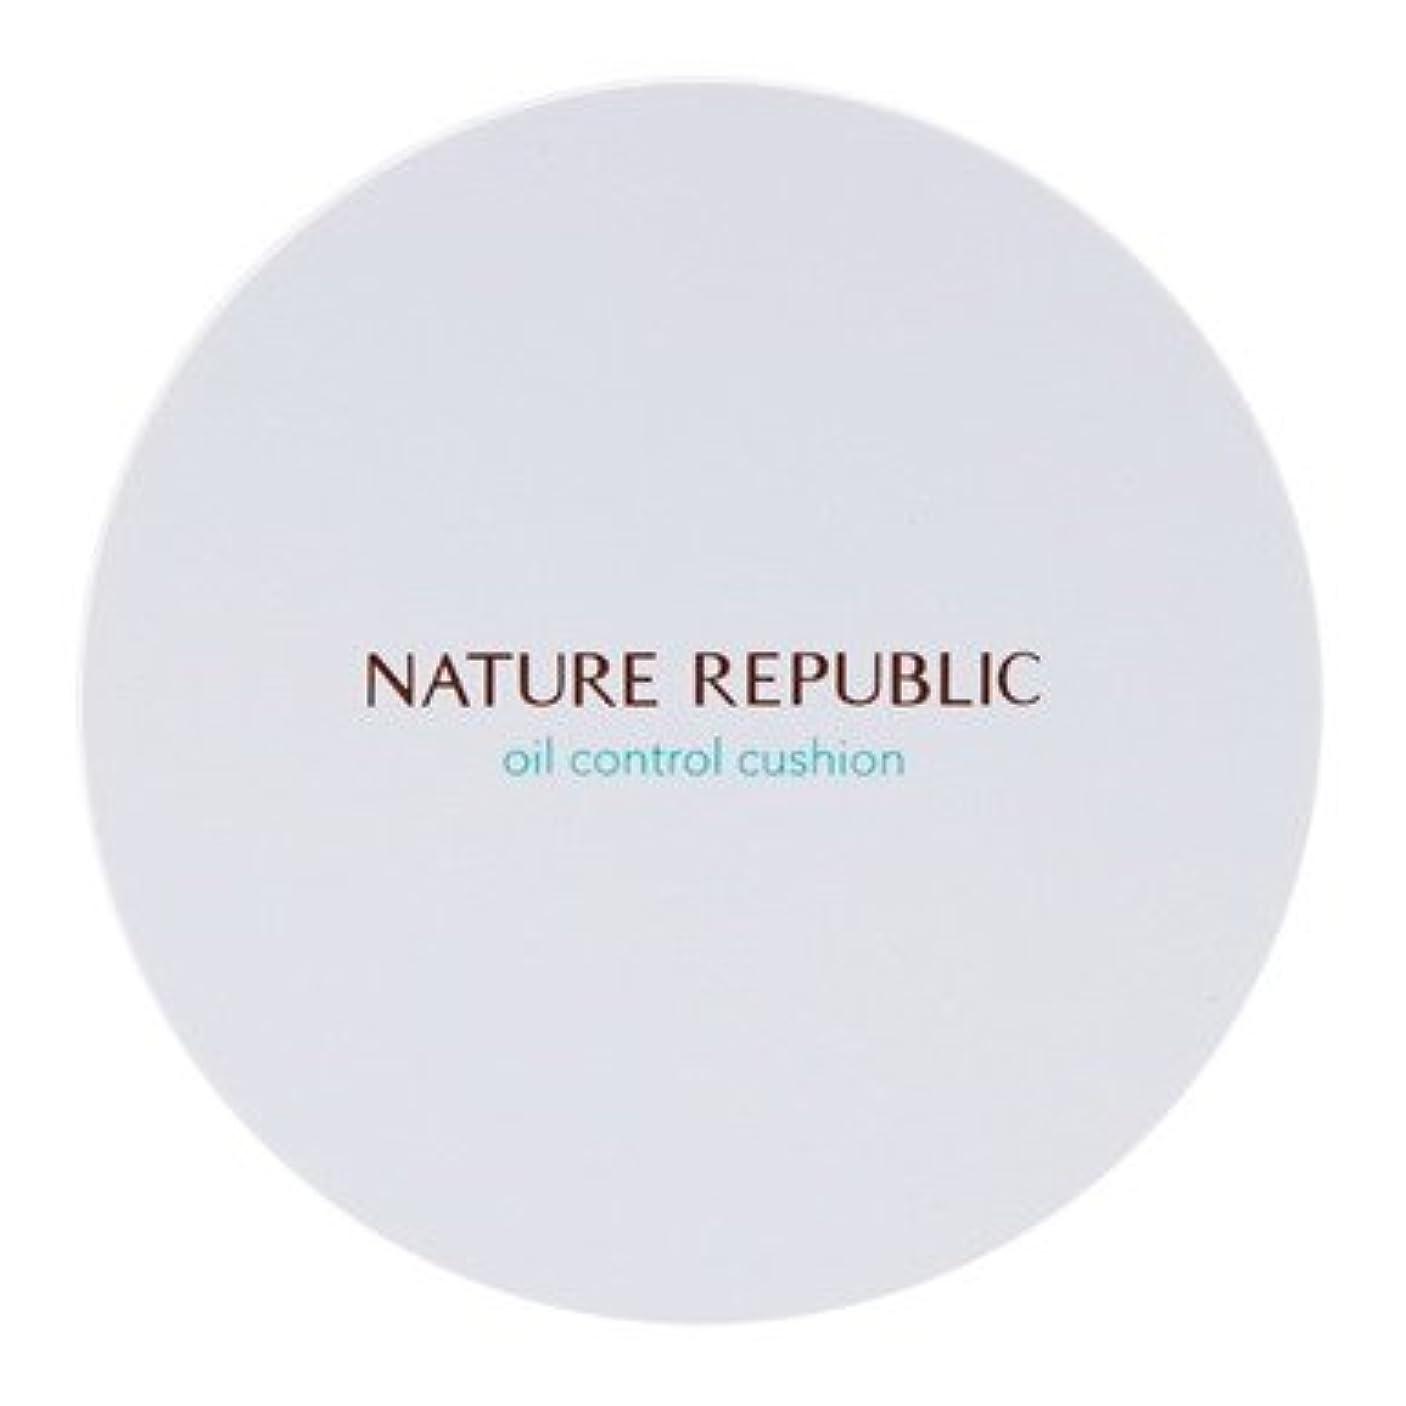 対象降雨お客様【NATURE REPUBLIC (ネイチャーリパブリック)】プロヴァンス エアスキンフィット オイルコントロール クッション 15g (SPF50+/ PA+++)(2カラー選択1) (01 ライトベージュ) [並行輸入品]